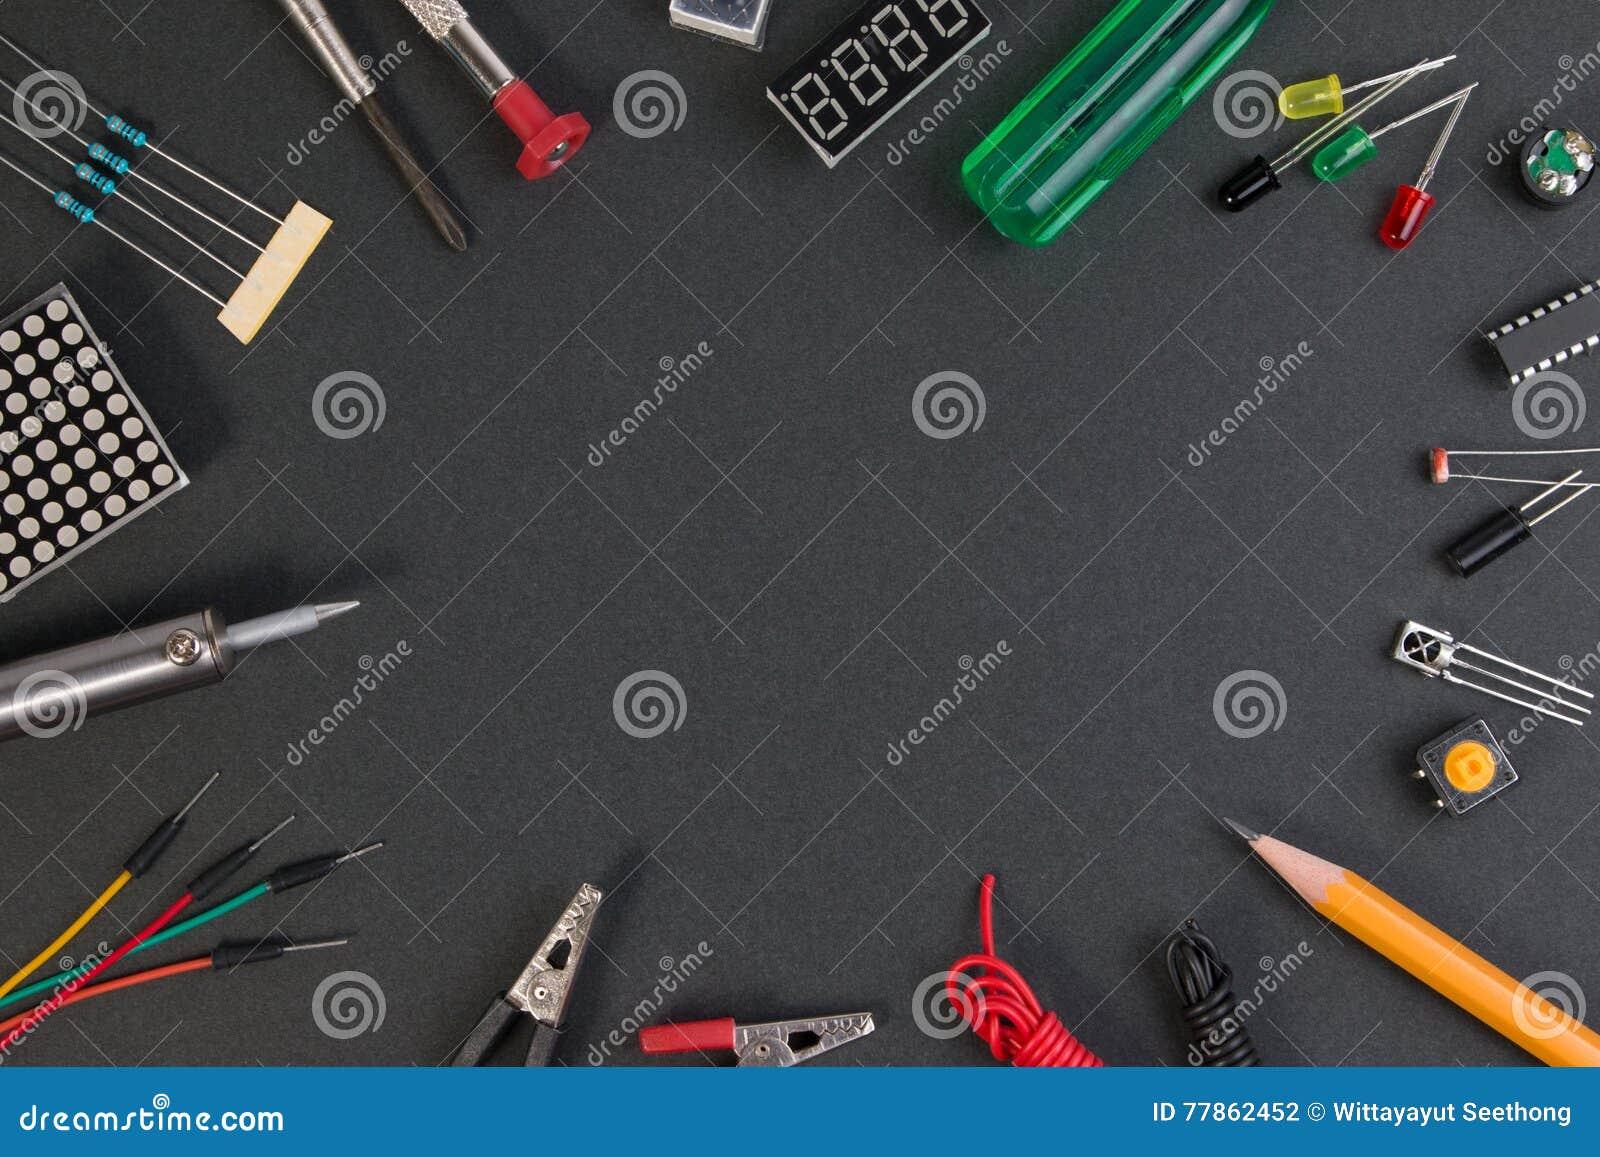 Cząsteczka producenta zestaw, elektronika projektuje producenta zestaw